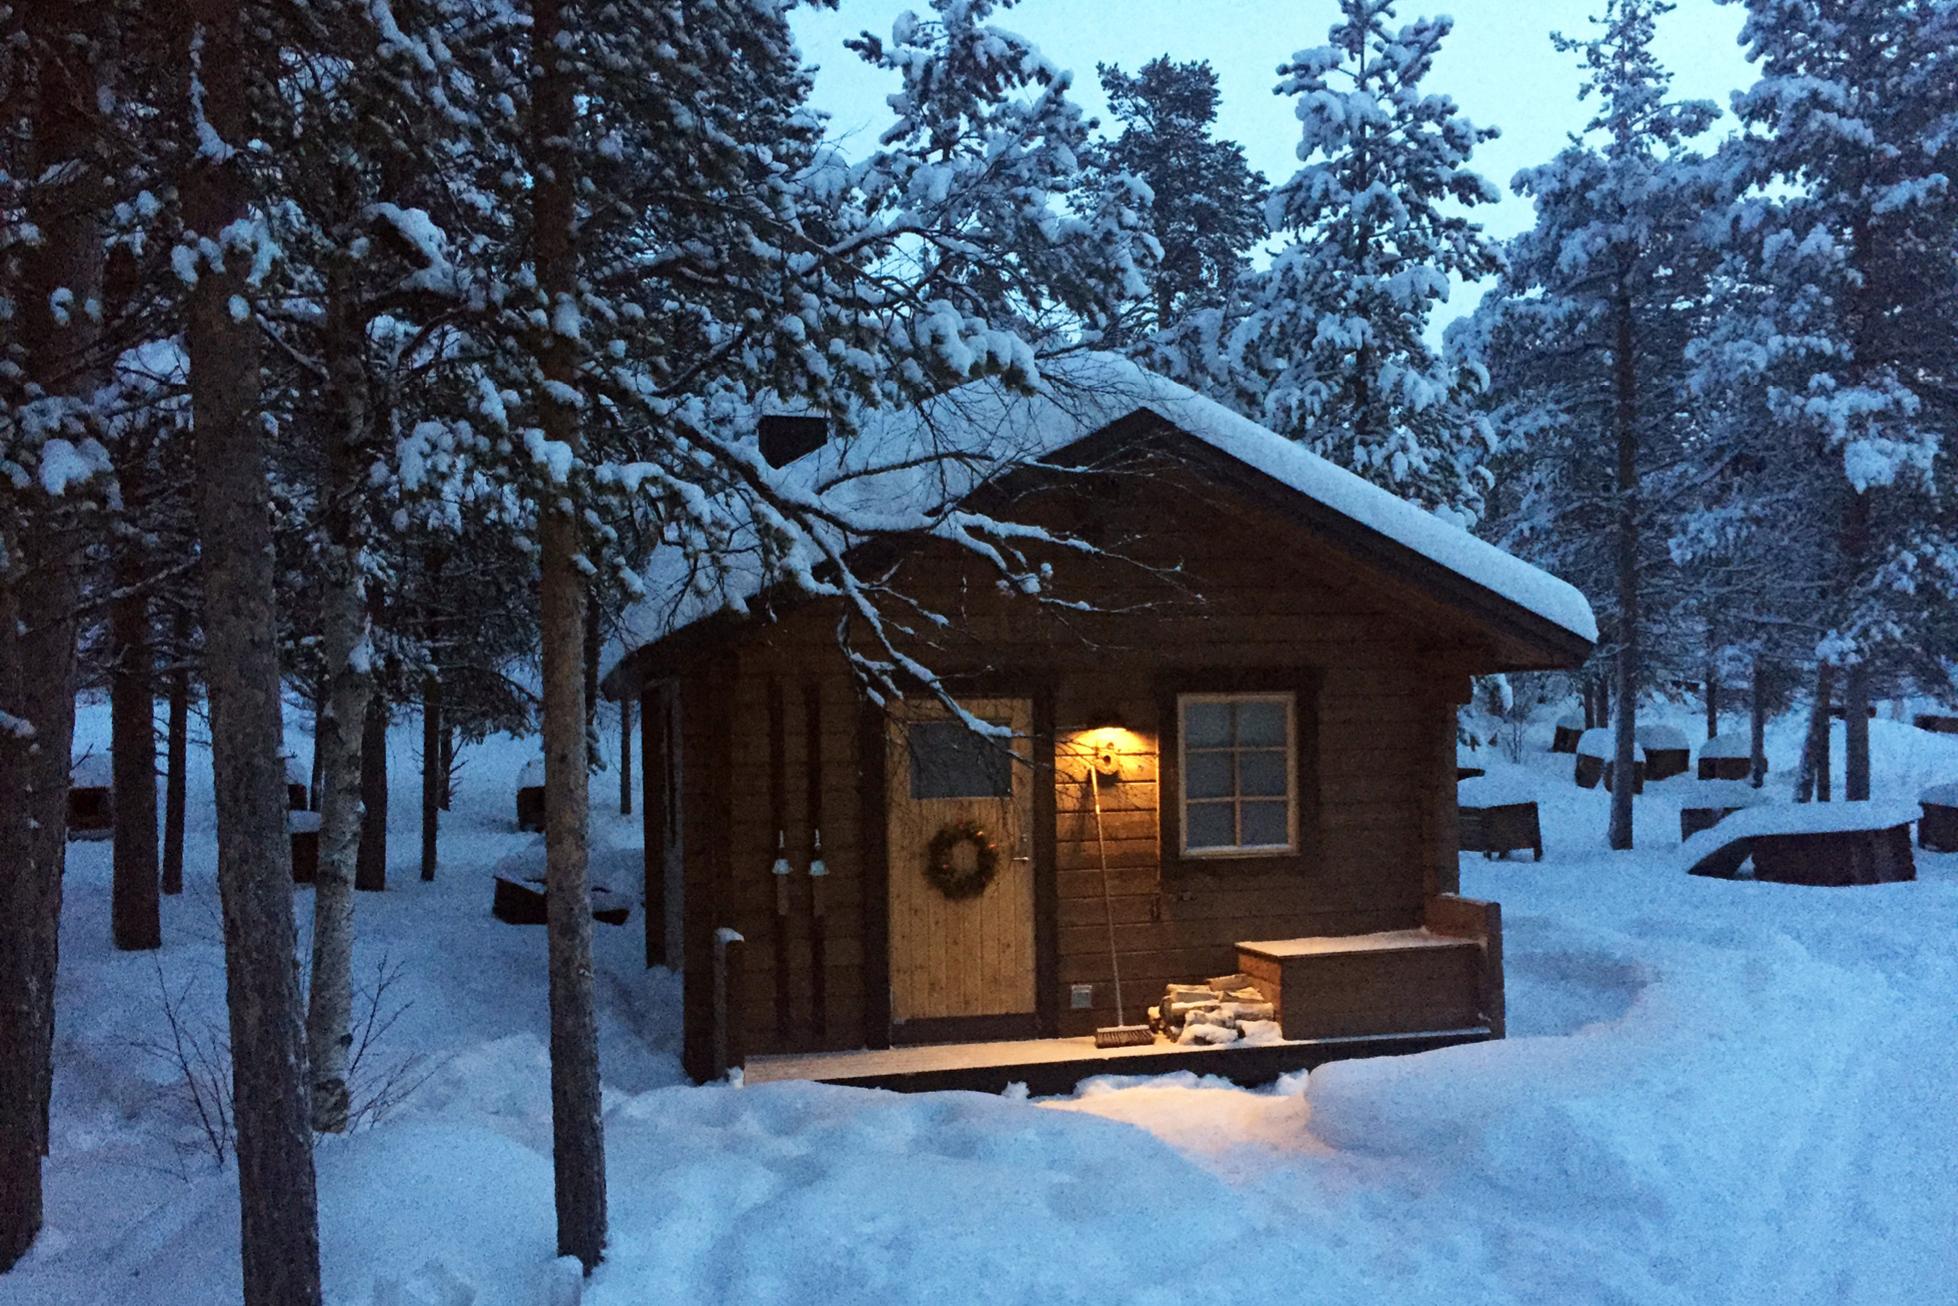 ICEHOTEL sweden wilderness cabin